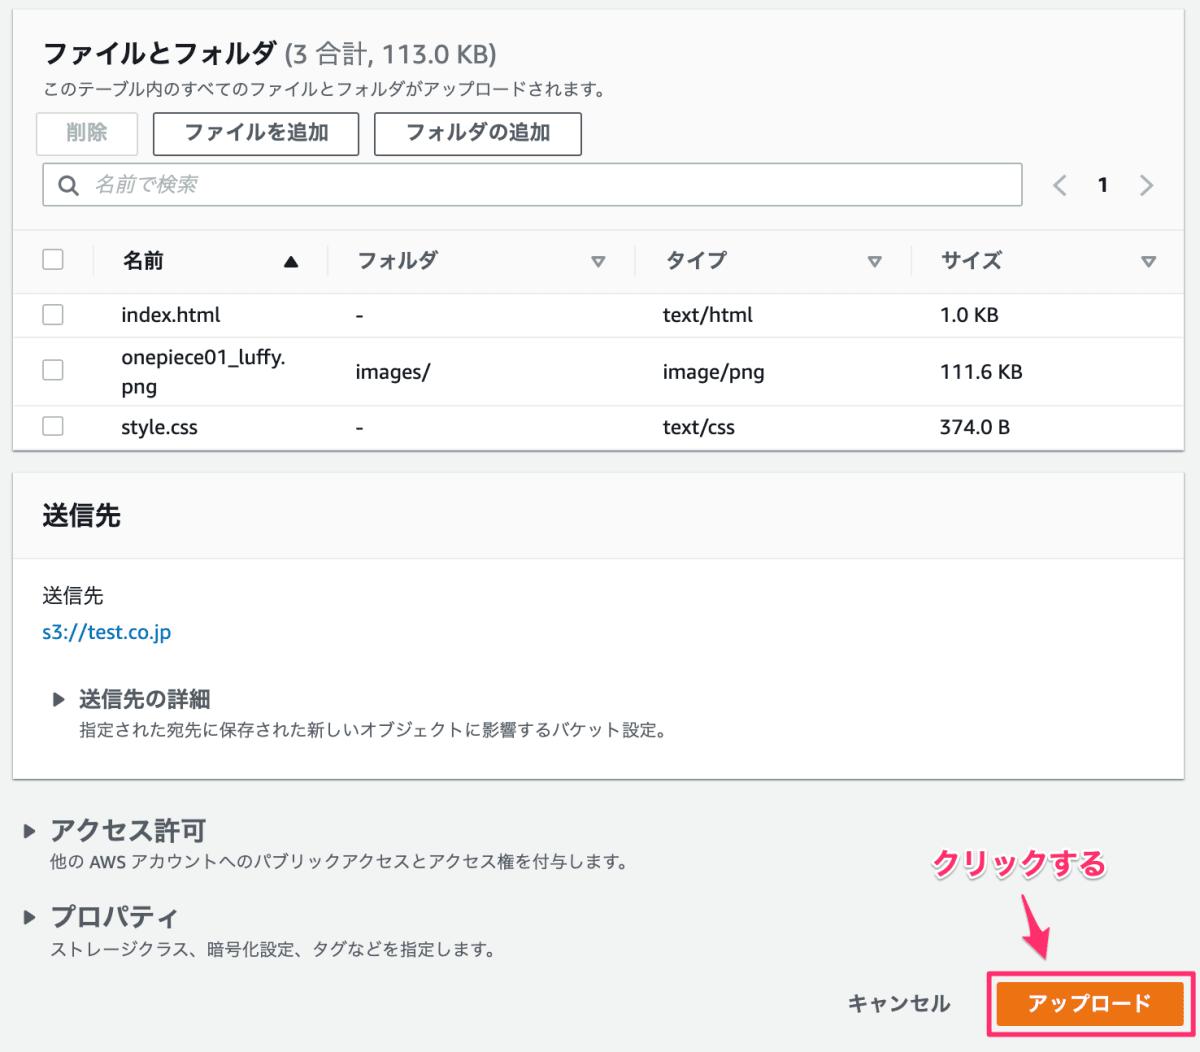 スクリーンショット_2021-06-09_9_41_28.png